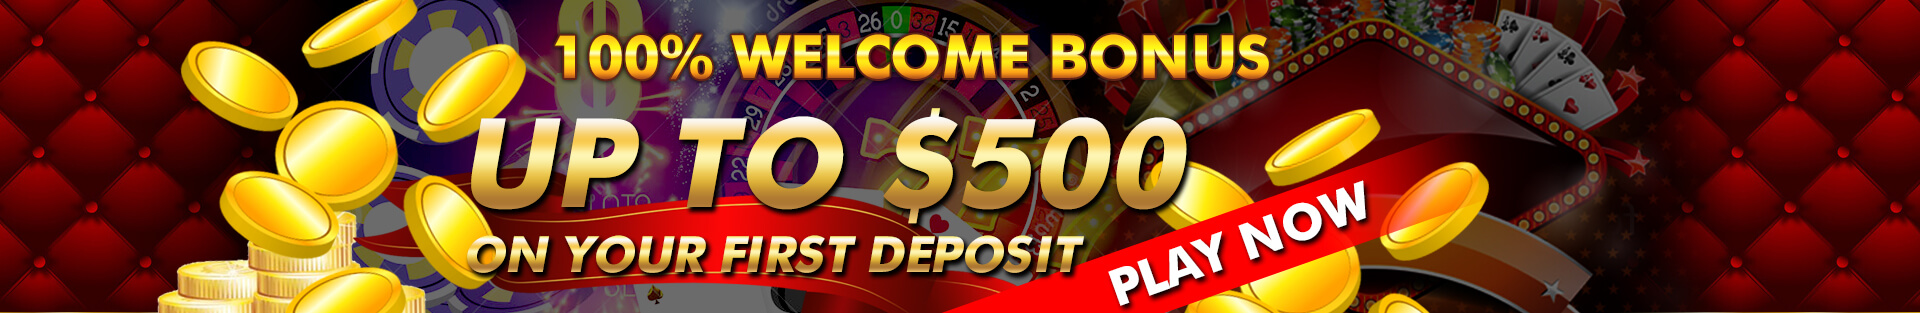 100% deposit bonus up to $500!